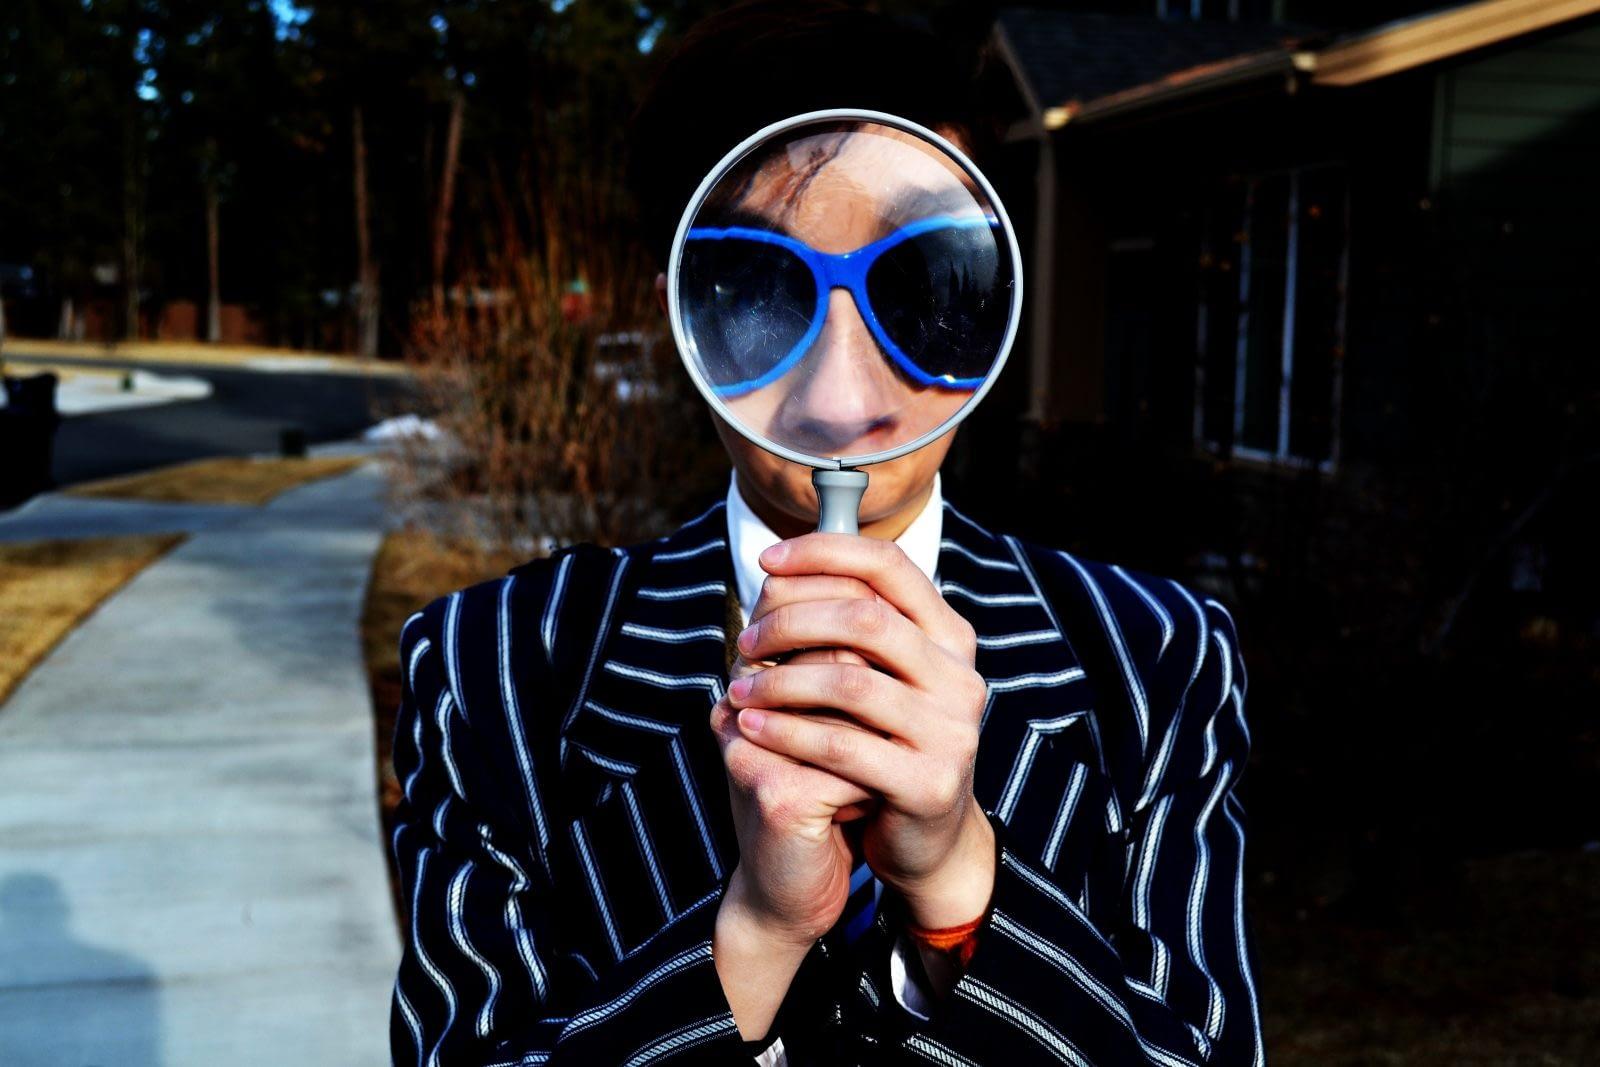 Mann mit blauer Brille und großer Lupe